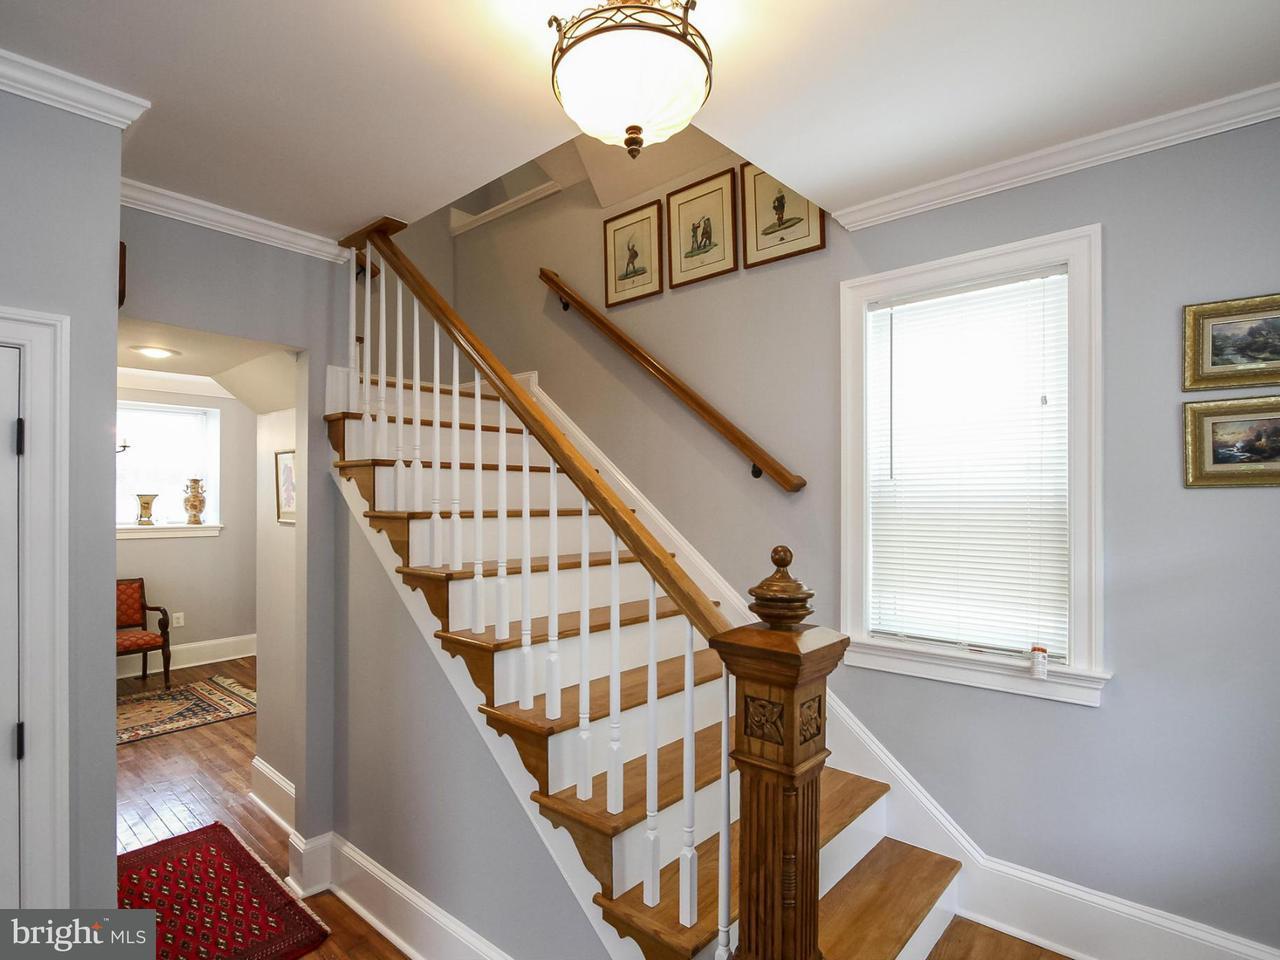 獨棟家庭住宅 為 出售 在 2902 S South Dakota Ave Ne 2902 S South Dakota Ave Ne Washington, 哥倫比亞特區 20018 美國